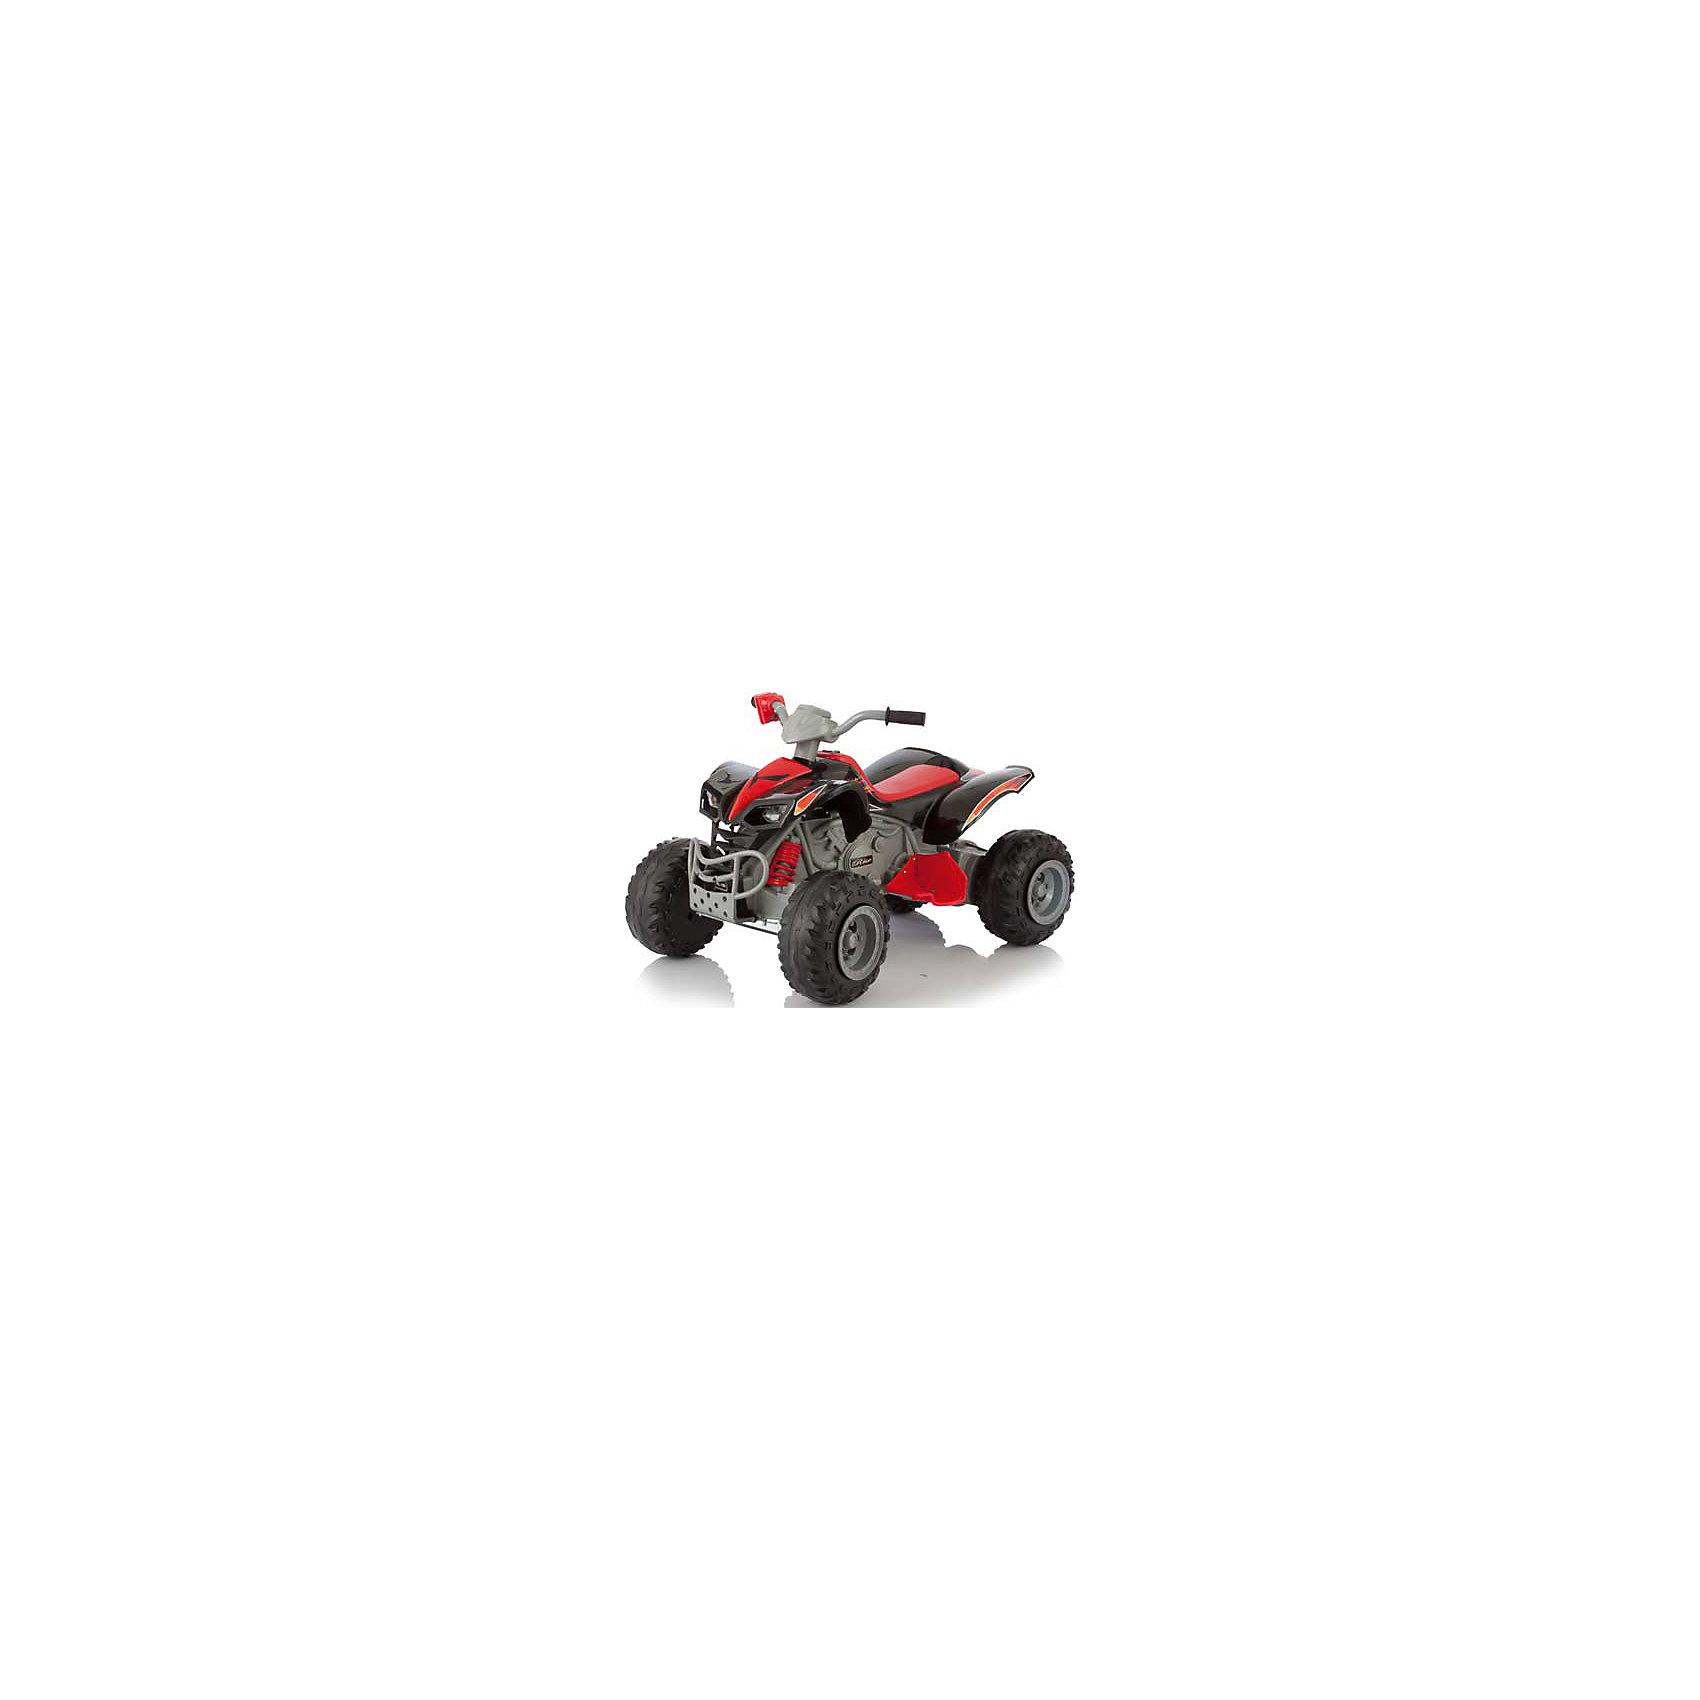 Электромобиль-квадроцикл Scat, черный, JetemJetem (Жетем) Scat – популярная модель детского квадроцикла. Прочная, надежная и безопасная машина. Удобное длинное сидение и подножки идеально адаптированы для ребенка. Специальные ручки с рифлением помогут малышу лучше справляться с управлением, а пластиковые крылья защитят малыша от брызг. Противоскользящий бандаж на все колесах существенно улучшает проходимость и снижает уровень шума.  Машина не боится ехать по грунтовой дороге или по траве. Квадроцикл питается от 12v аккумулятора и способен развивать скорость до 7,5 км/ч. Кроме того, есть возможность переключить передачу на более низкую (до 3 км/ч) или включить реверс. Первая скорость включается педалью, а вторая с помощью поворотной рукоятки.<br><br>Дополнительная информация:<br><br>Данный электромобиль не предназначен для катания двух детей одновременно.<br>Движение осуществляется с помощью педали.<br>Колёса: пластиковые.<br>Аккумулятор необходимо заряжать как минимум раз в месяц.<br>Аккумулятор: один 12v аккумулятора (10А/ч).<br>Мотор: два 6v мотора (25W).<br>Время работы аккумулятора: 1-2 часа.<br>Время зарядки аккумулятора: 10-12 часов.<br>Коробка передач: 2 скорости вперед, 1 скорость назад.<br>Максимальная скорость: до 7,5 км/ч.<br>Размеры электромобиля: 107x72x67 см.<br>Максимальная нагрузка: до 40 кг.<br>Вес: 17,5 кг.<br>Дальность действия ПДУ: около 20 метров.<br><br>Электромобиль-квадроцикл Scat, черный, Jetem (Жетем) можно купить в нашем магазине.<br><br>Ширина мм: 1140<br>Глубина мм: 630<br>Высота мм: 390<br>Вес г: 21000<br>Возраст от месяцев: 36<br>Возраст до месяцев: 72<br>Пол: Унисекс<br>Возраст: Детский<br>SKU: 4618484